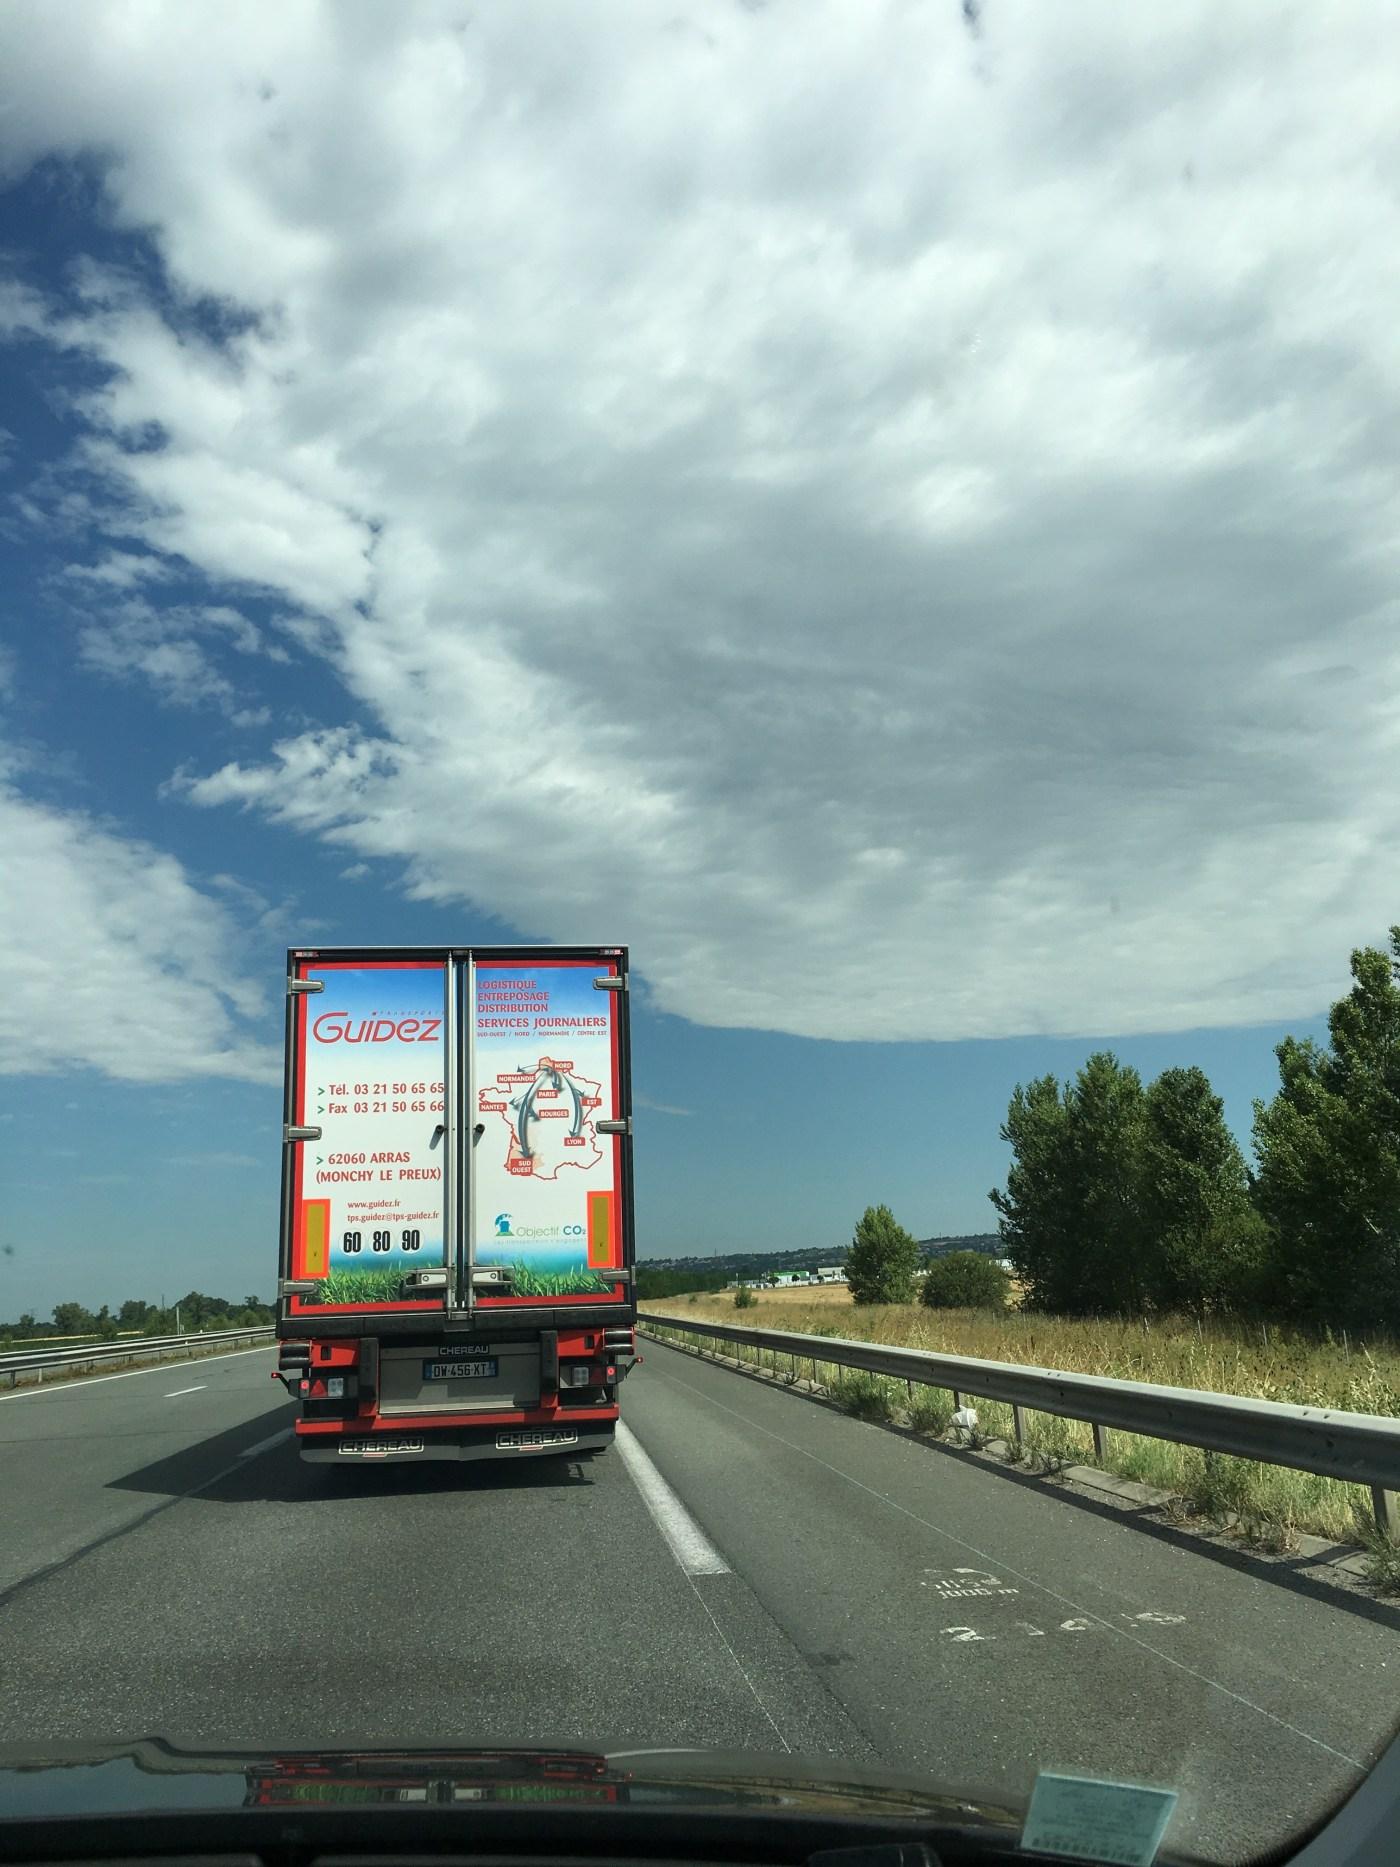 フランスの高速道路は制限130km/hとか!?